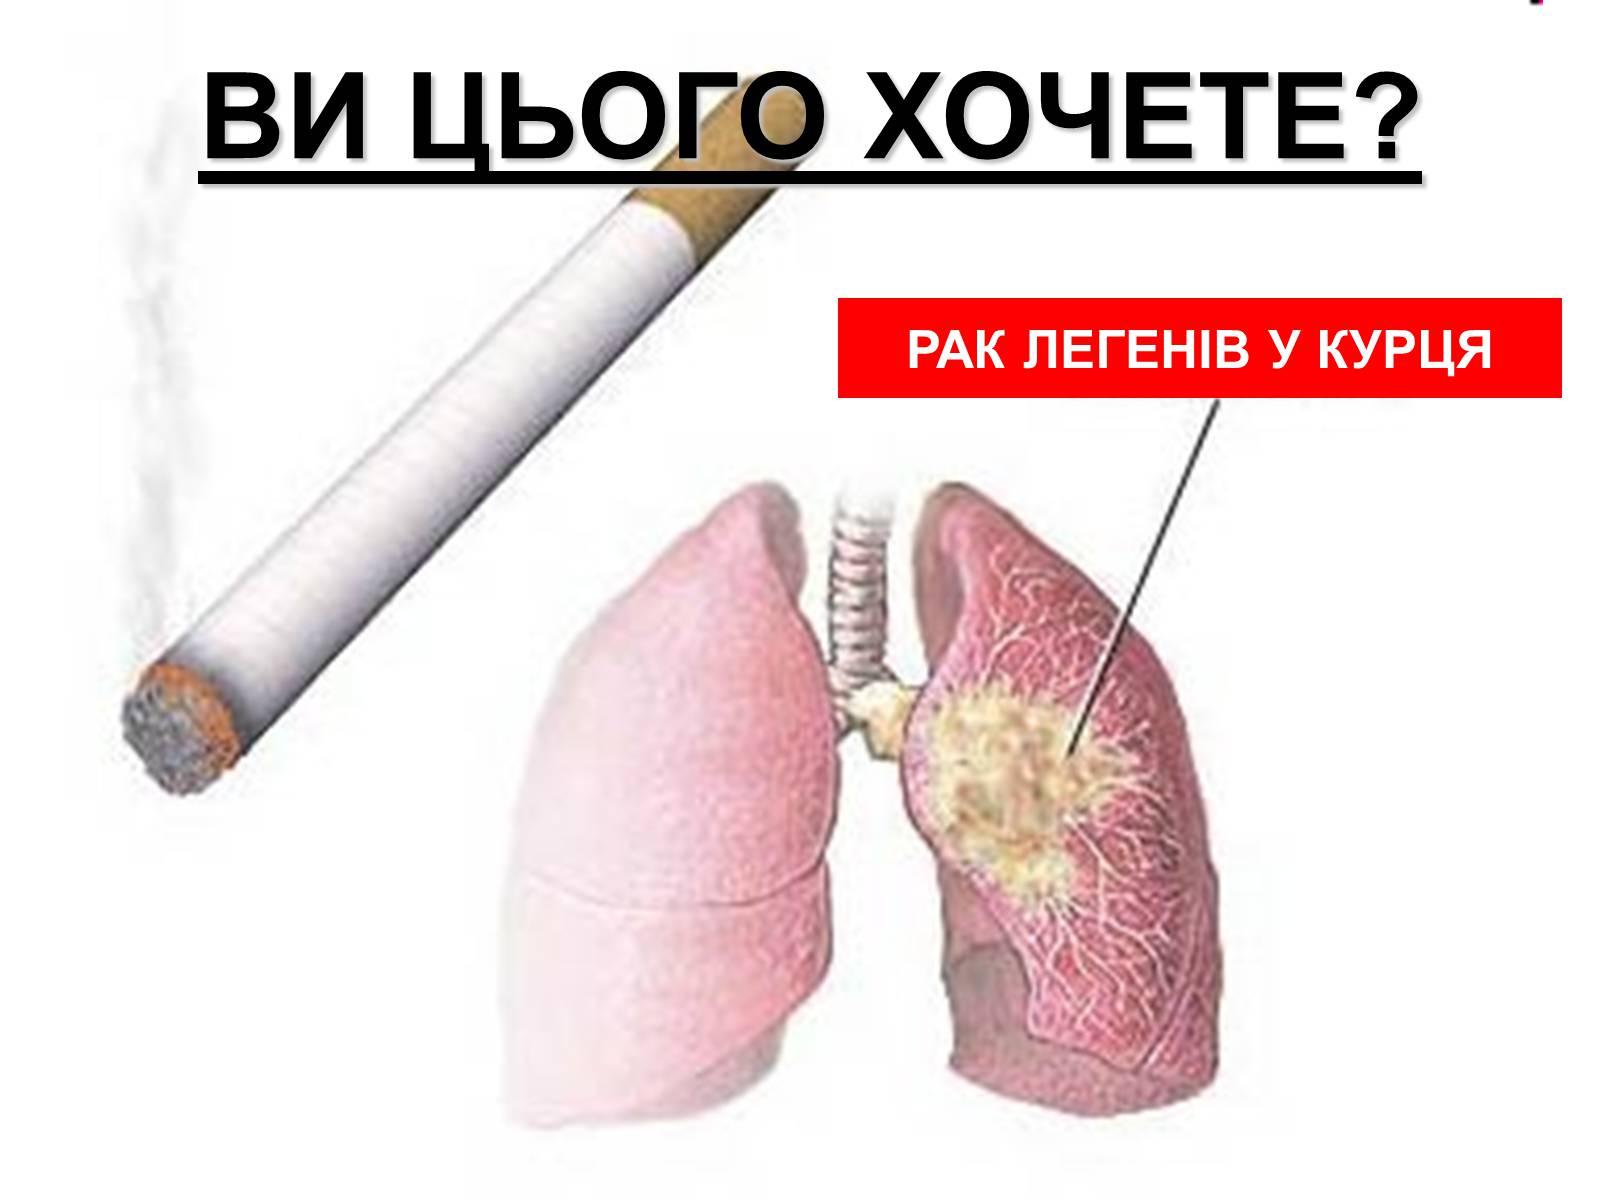 pamanahong papel tubercolosis